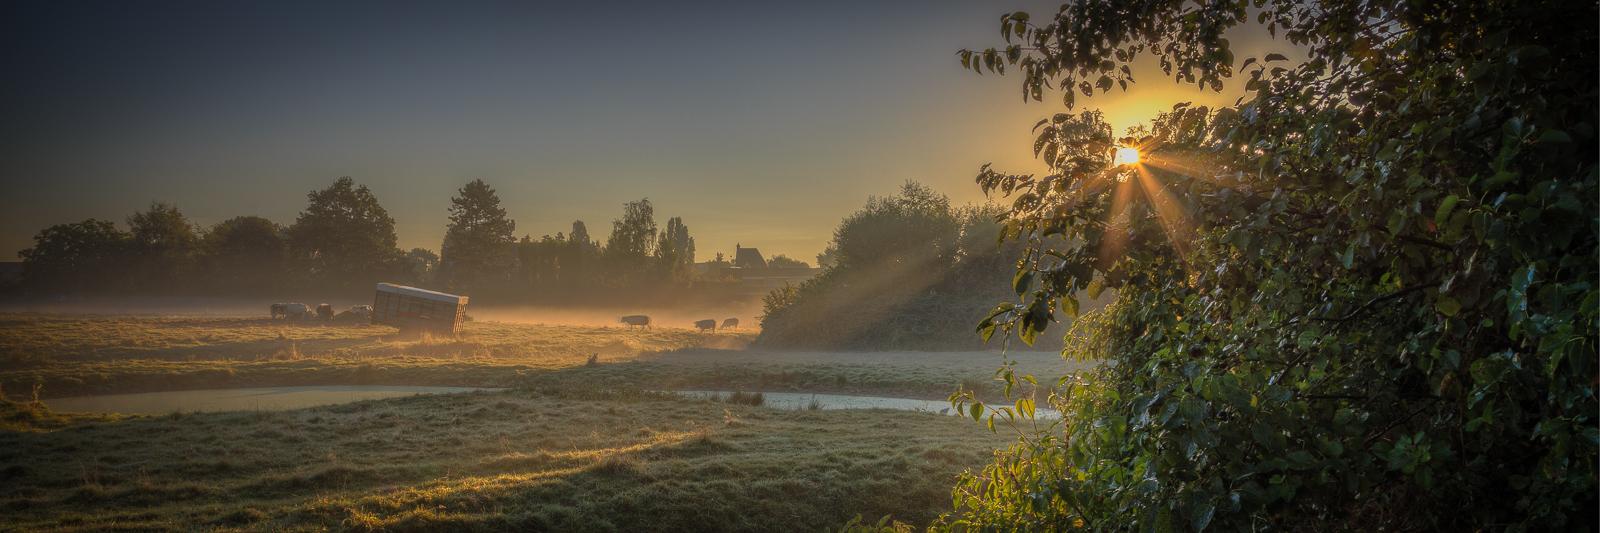 20160830_mistige-ochtend-in-bergelen-fotografie-krist-menen_-2